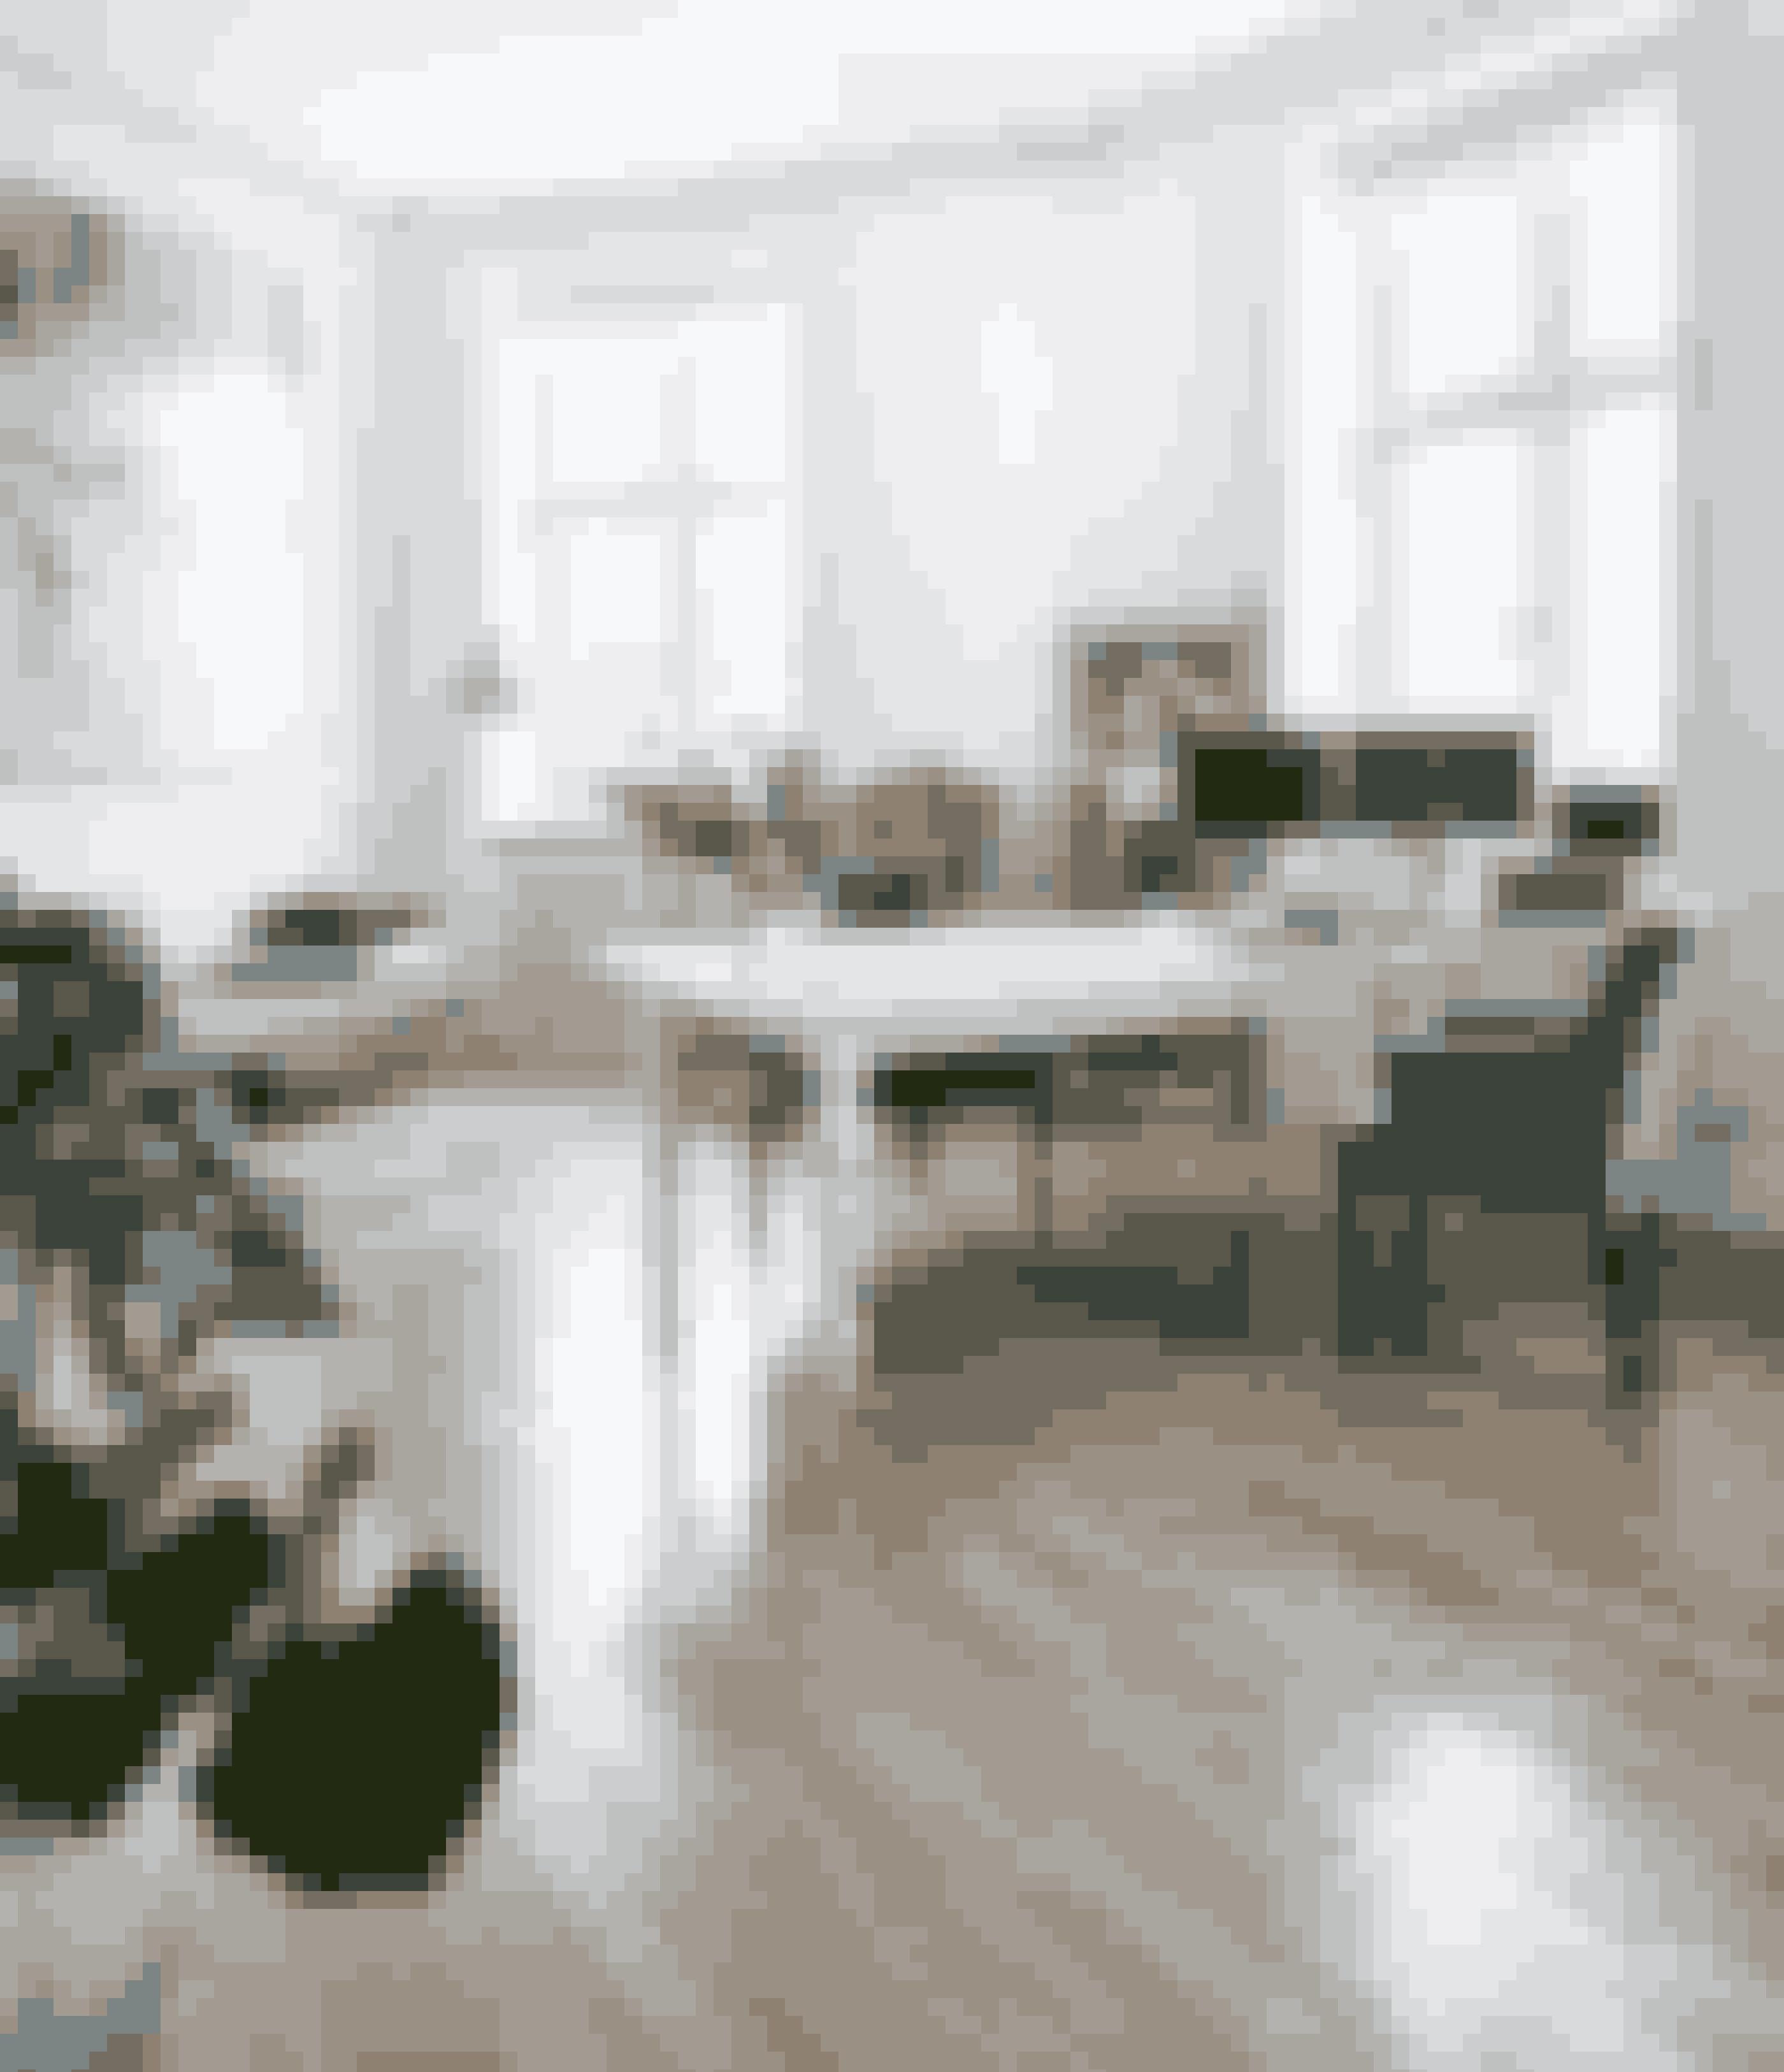 Bland gerne stilarter og tidpsepoker som i hjemmekontoret, hvor et skrivebord i rokokostil er sat sammen med moderne velourstole i art deco-stil. Bordet var en gave til Henrik Husted fra hans forældre, da han blev færdig som speciallæge, og stolene er fra Maison Tournesol.